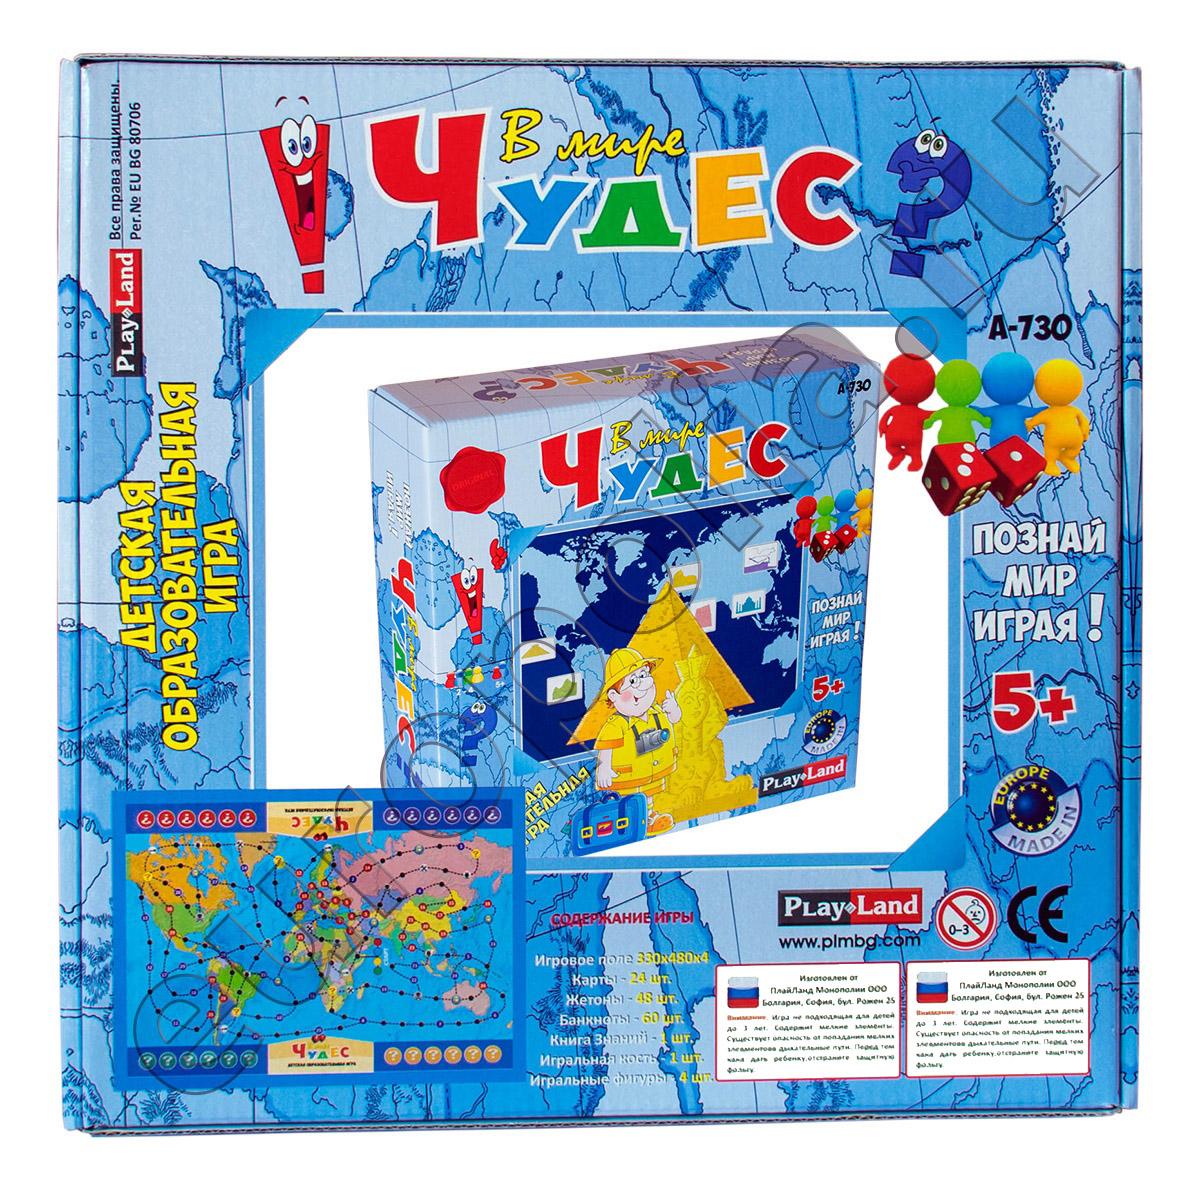 Настольная развивающая игра В мире чудес 43540 А-730